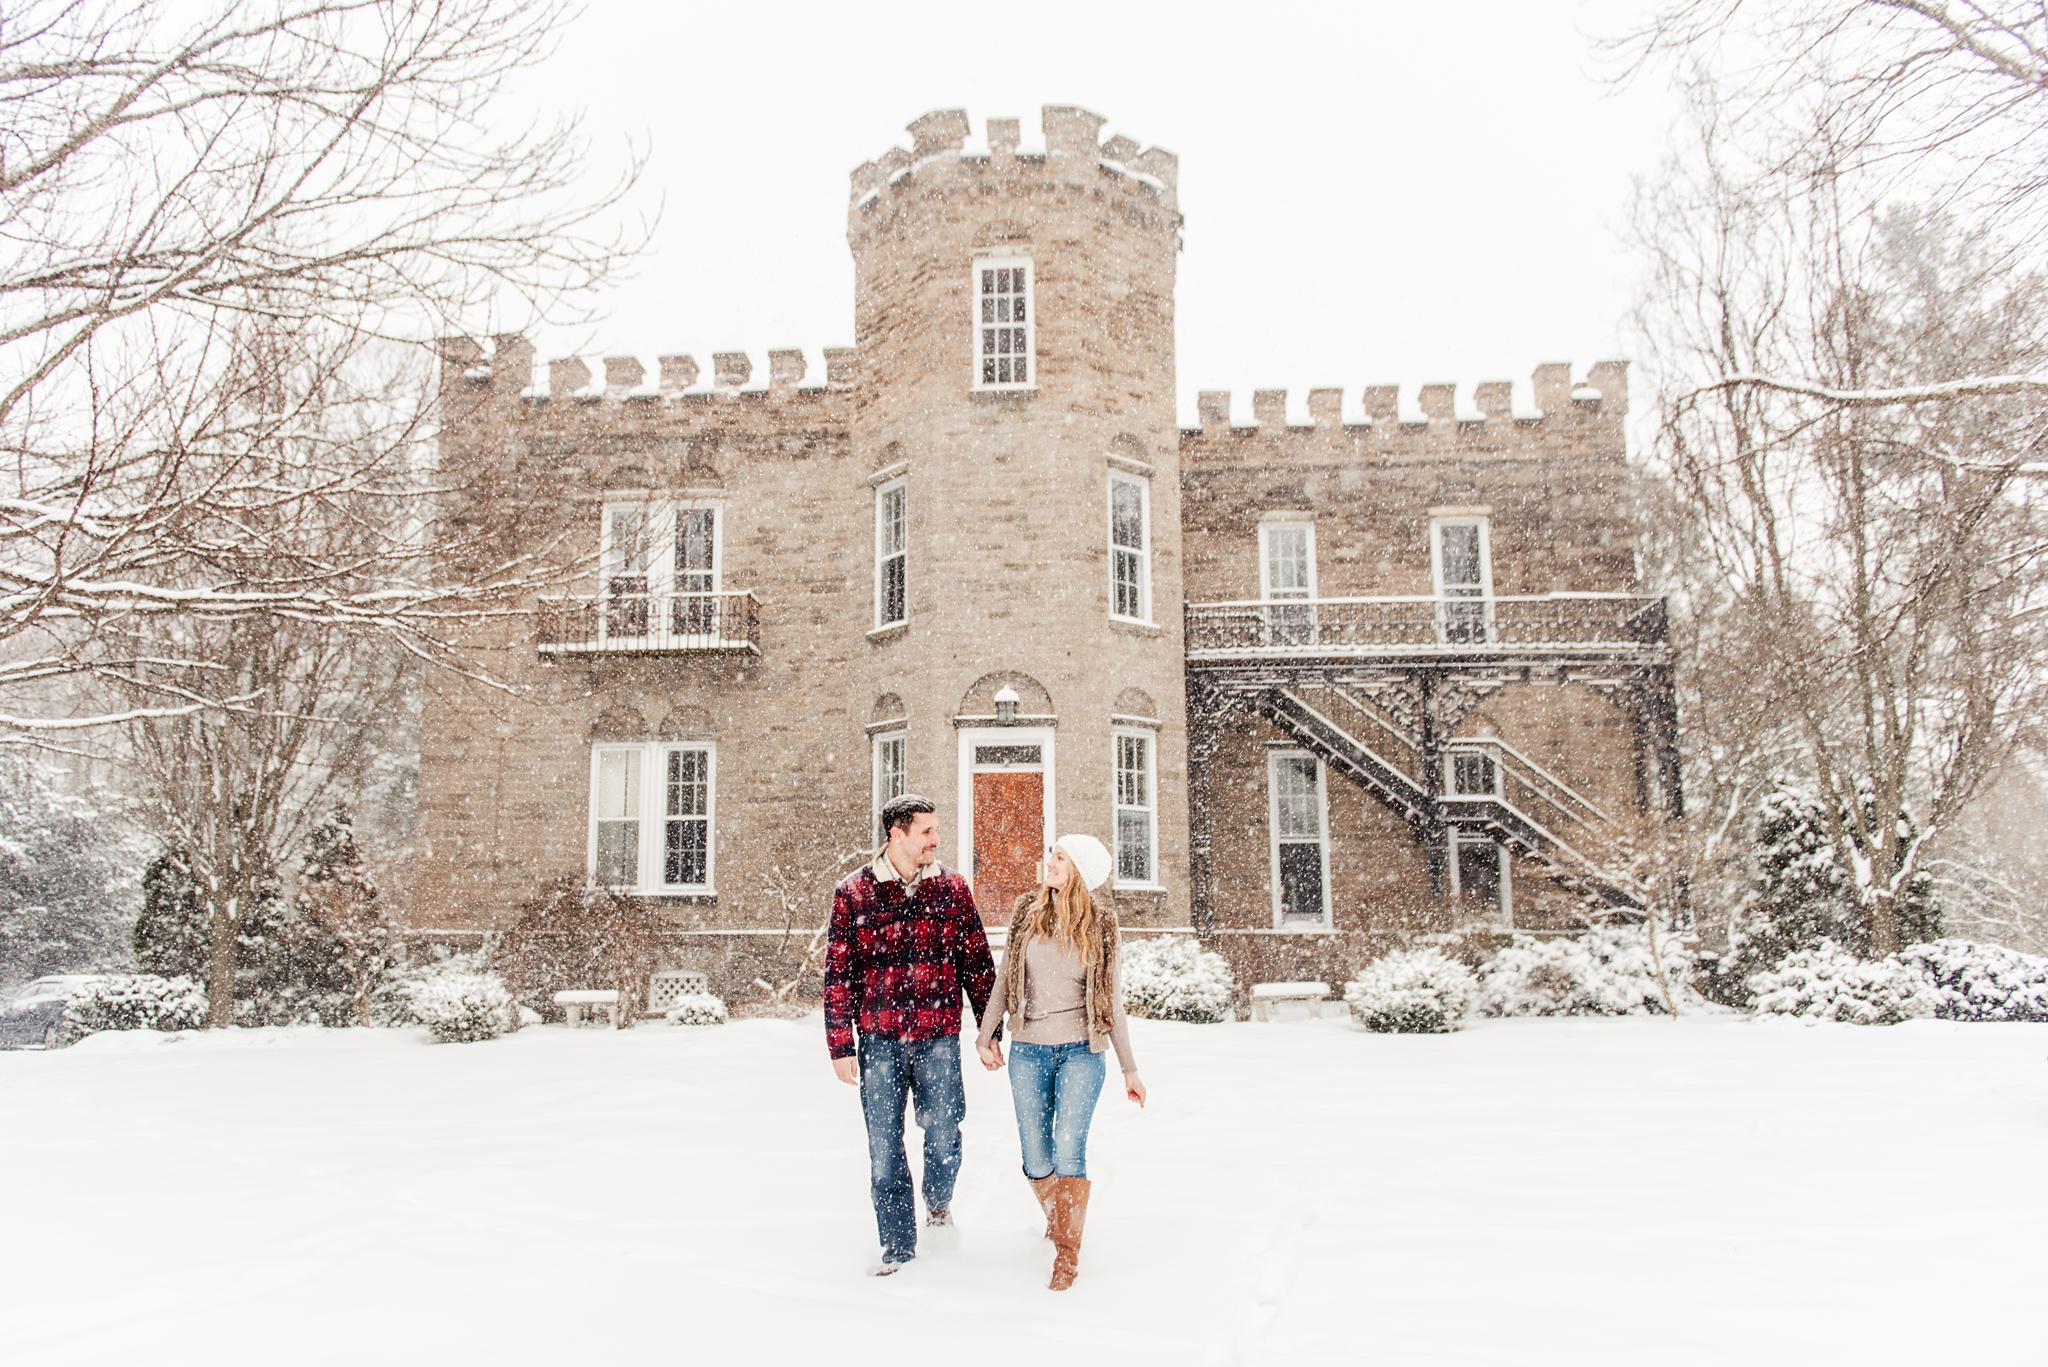 Warner_Castle_Rochester_Engagement_Session_JILL_STUDIO_Rochester_NY_Photographer_DSC_7282.jpg